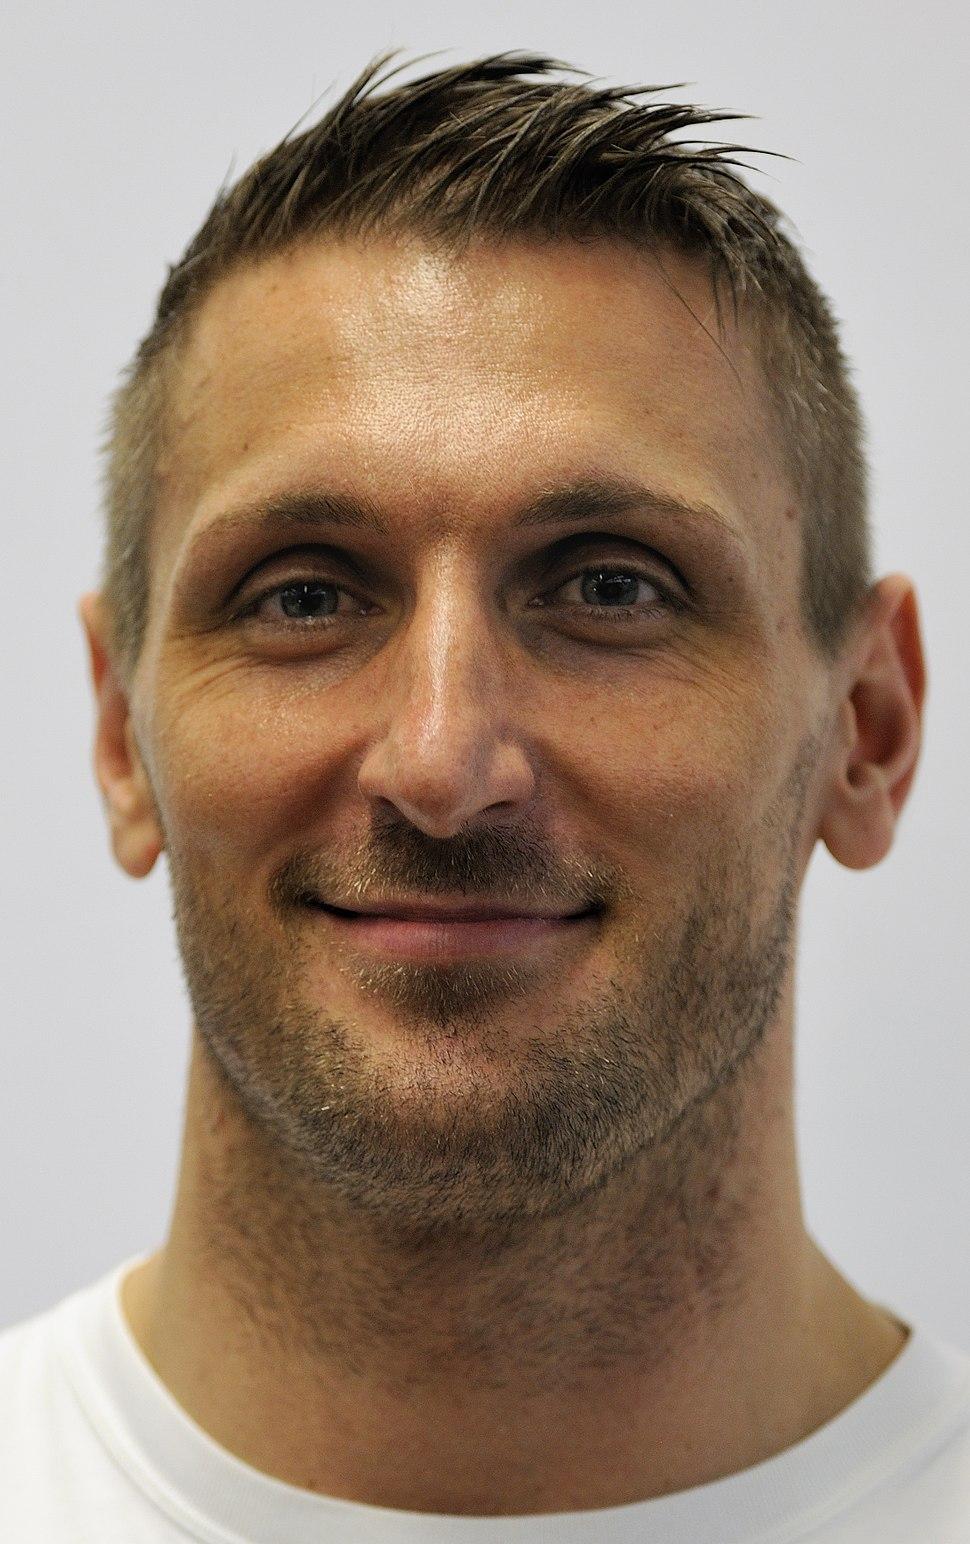 Kevin Kuske bei der Olympia-Einkleidung Erding 2014 (Martin Rulsch) 02